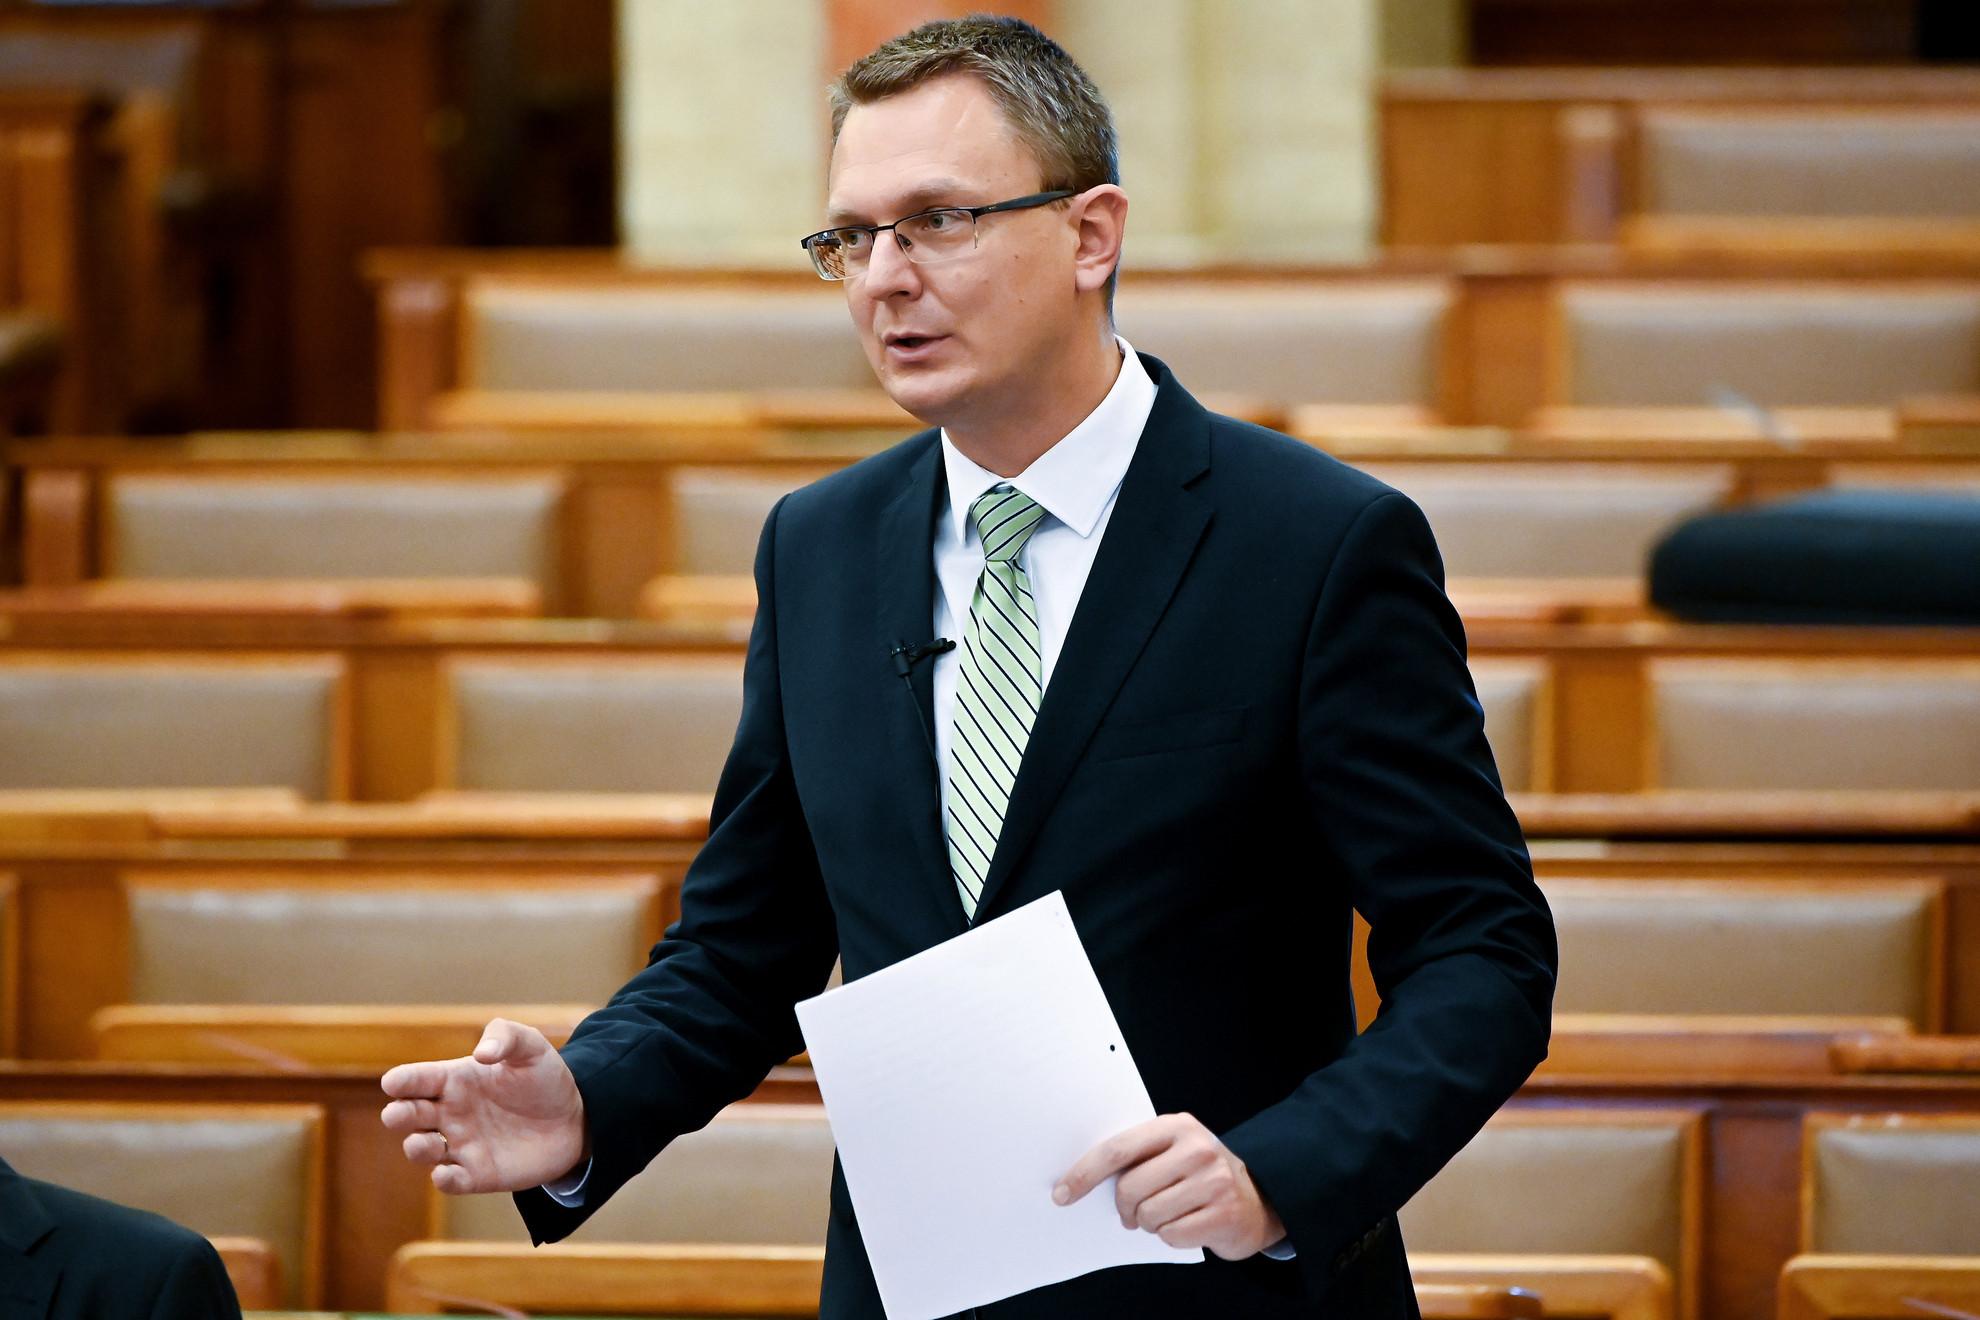 Rétvári Bence, az Emberi Erőforrások Minisztériumának parlamenti államtitkára napirend előtt szólal fel az Országgyűlés plenáris ülésén